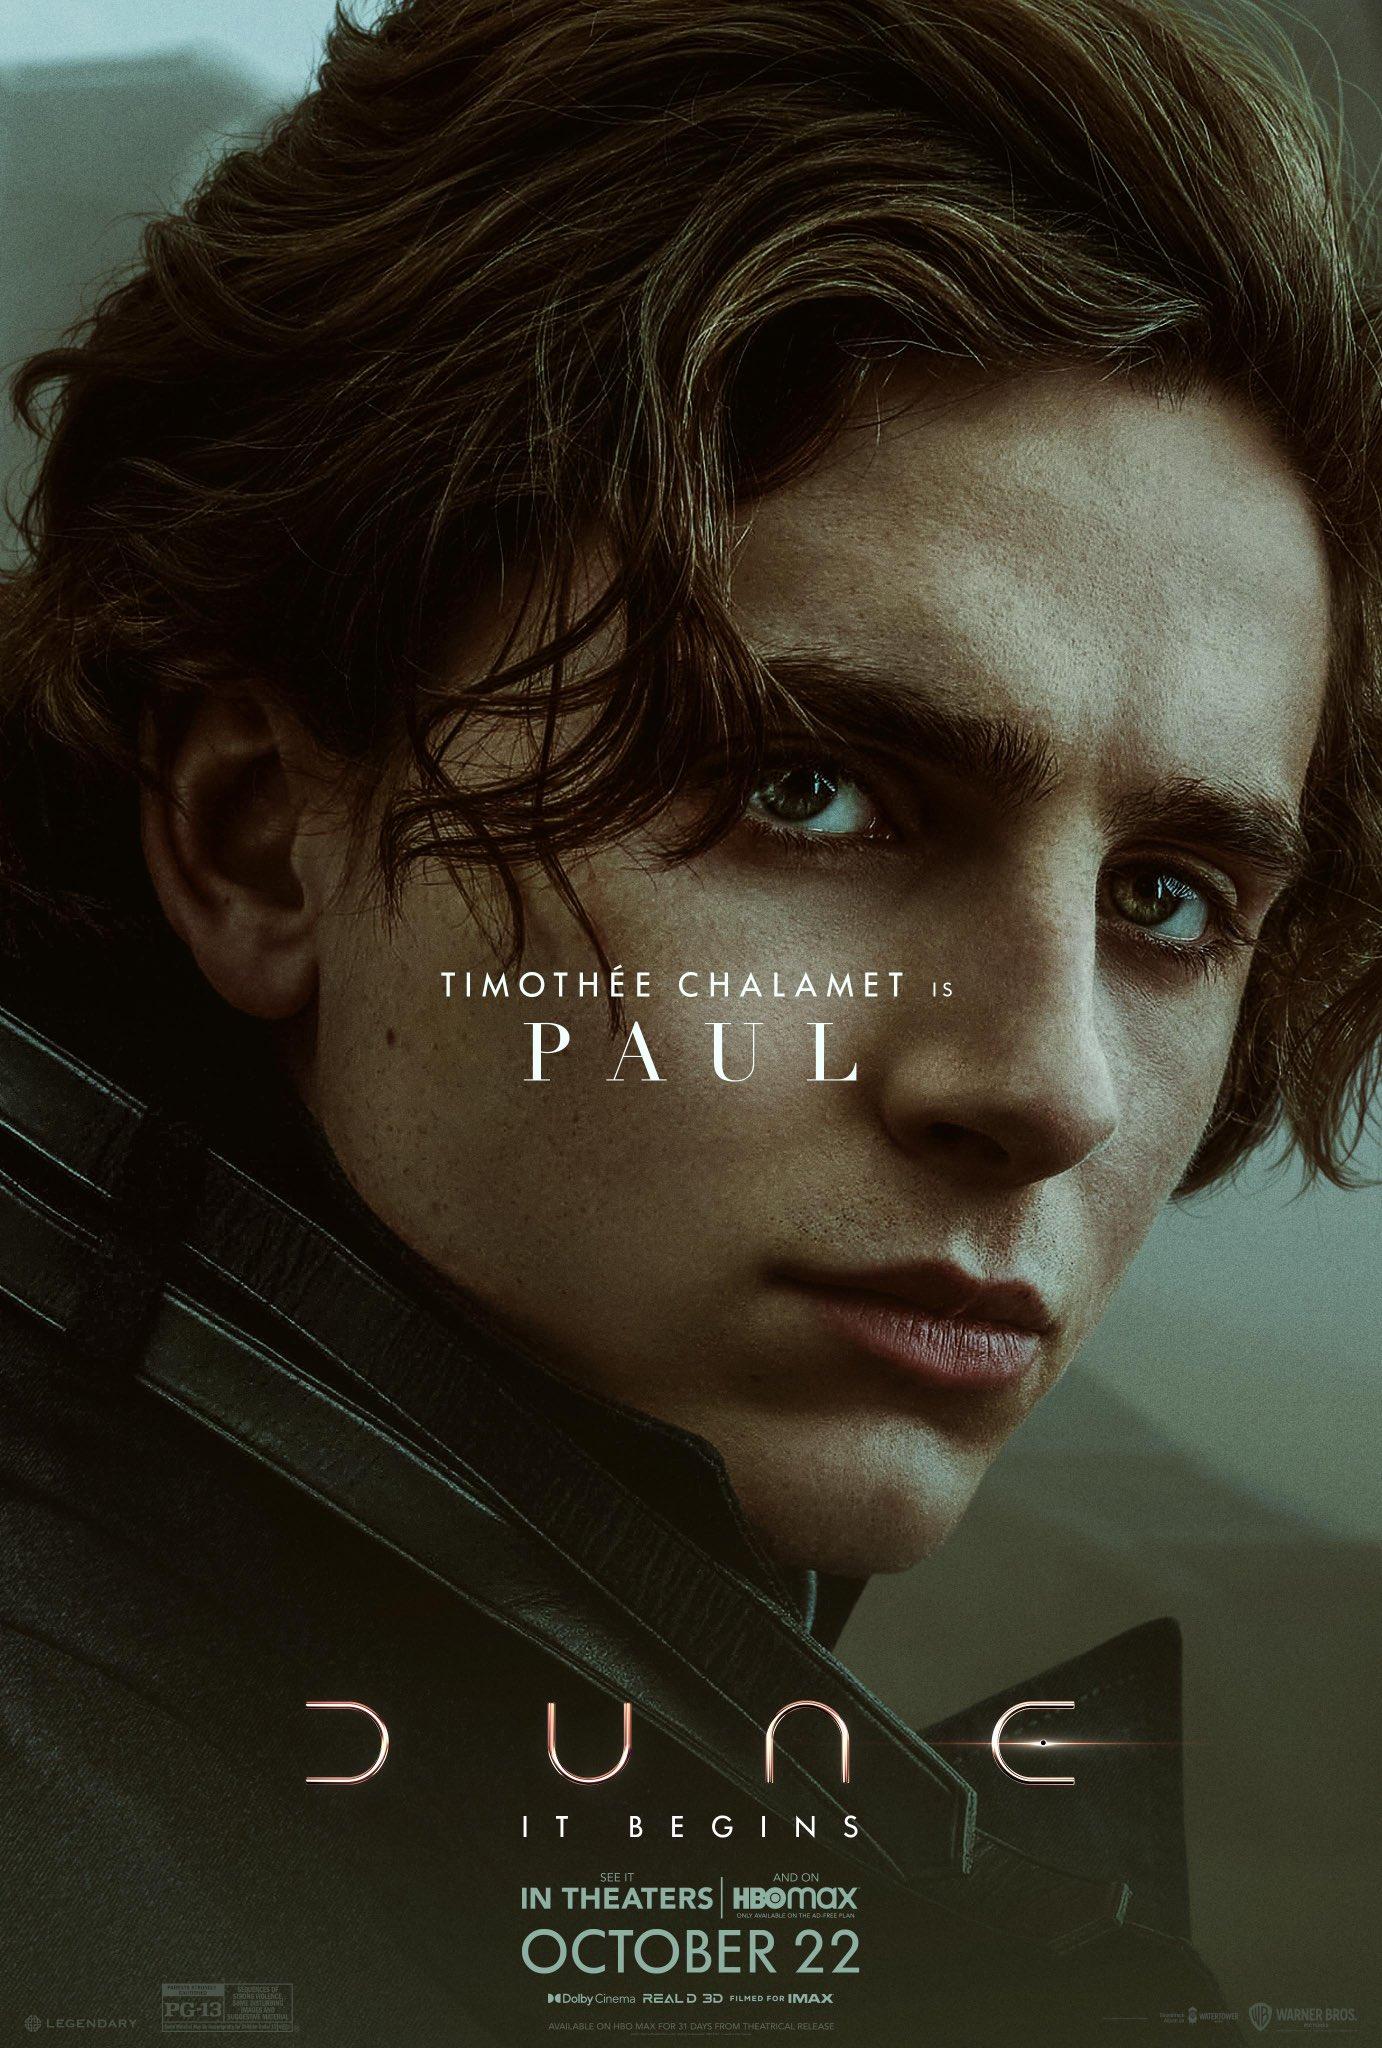 Dune Film Trailer & Poster 1